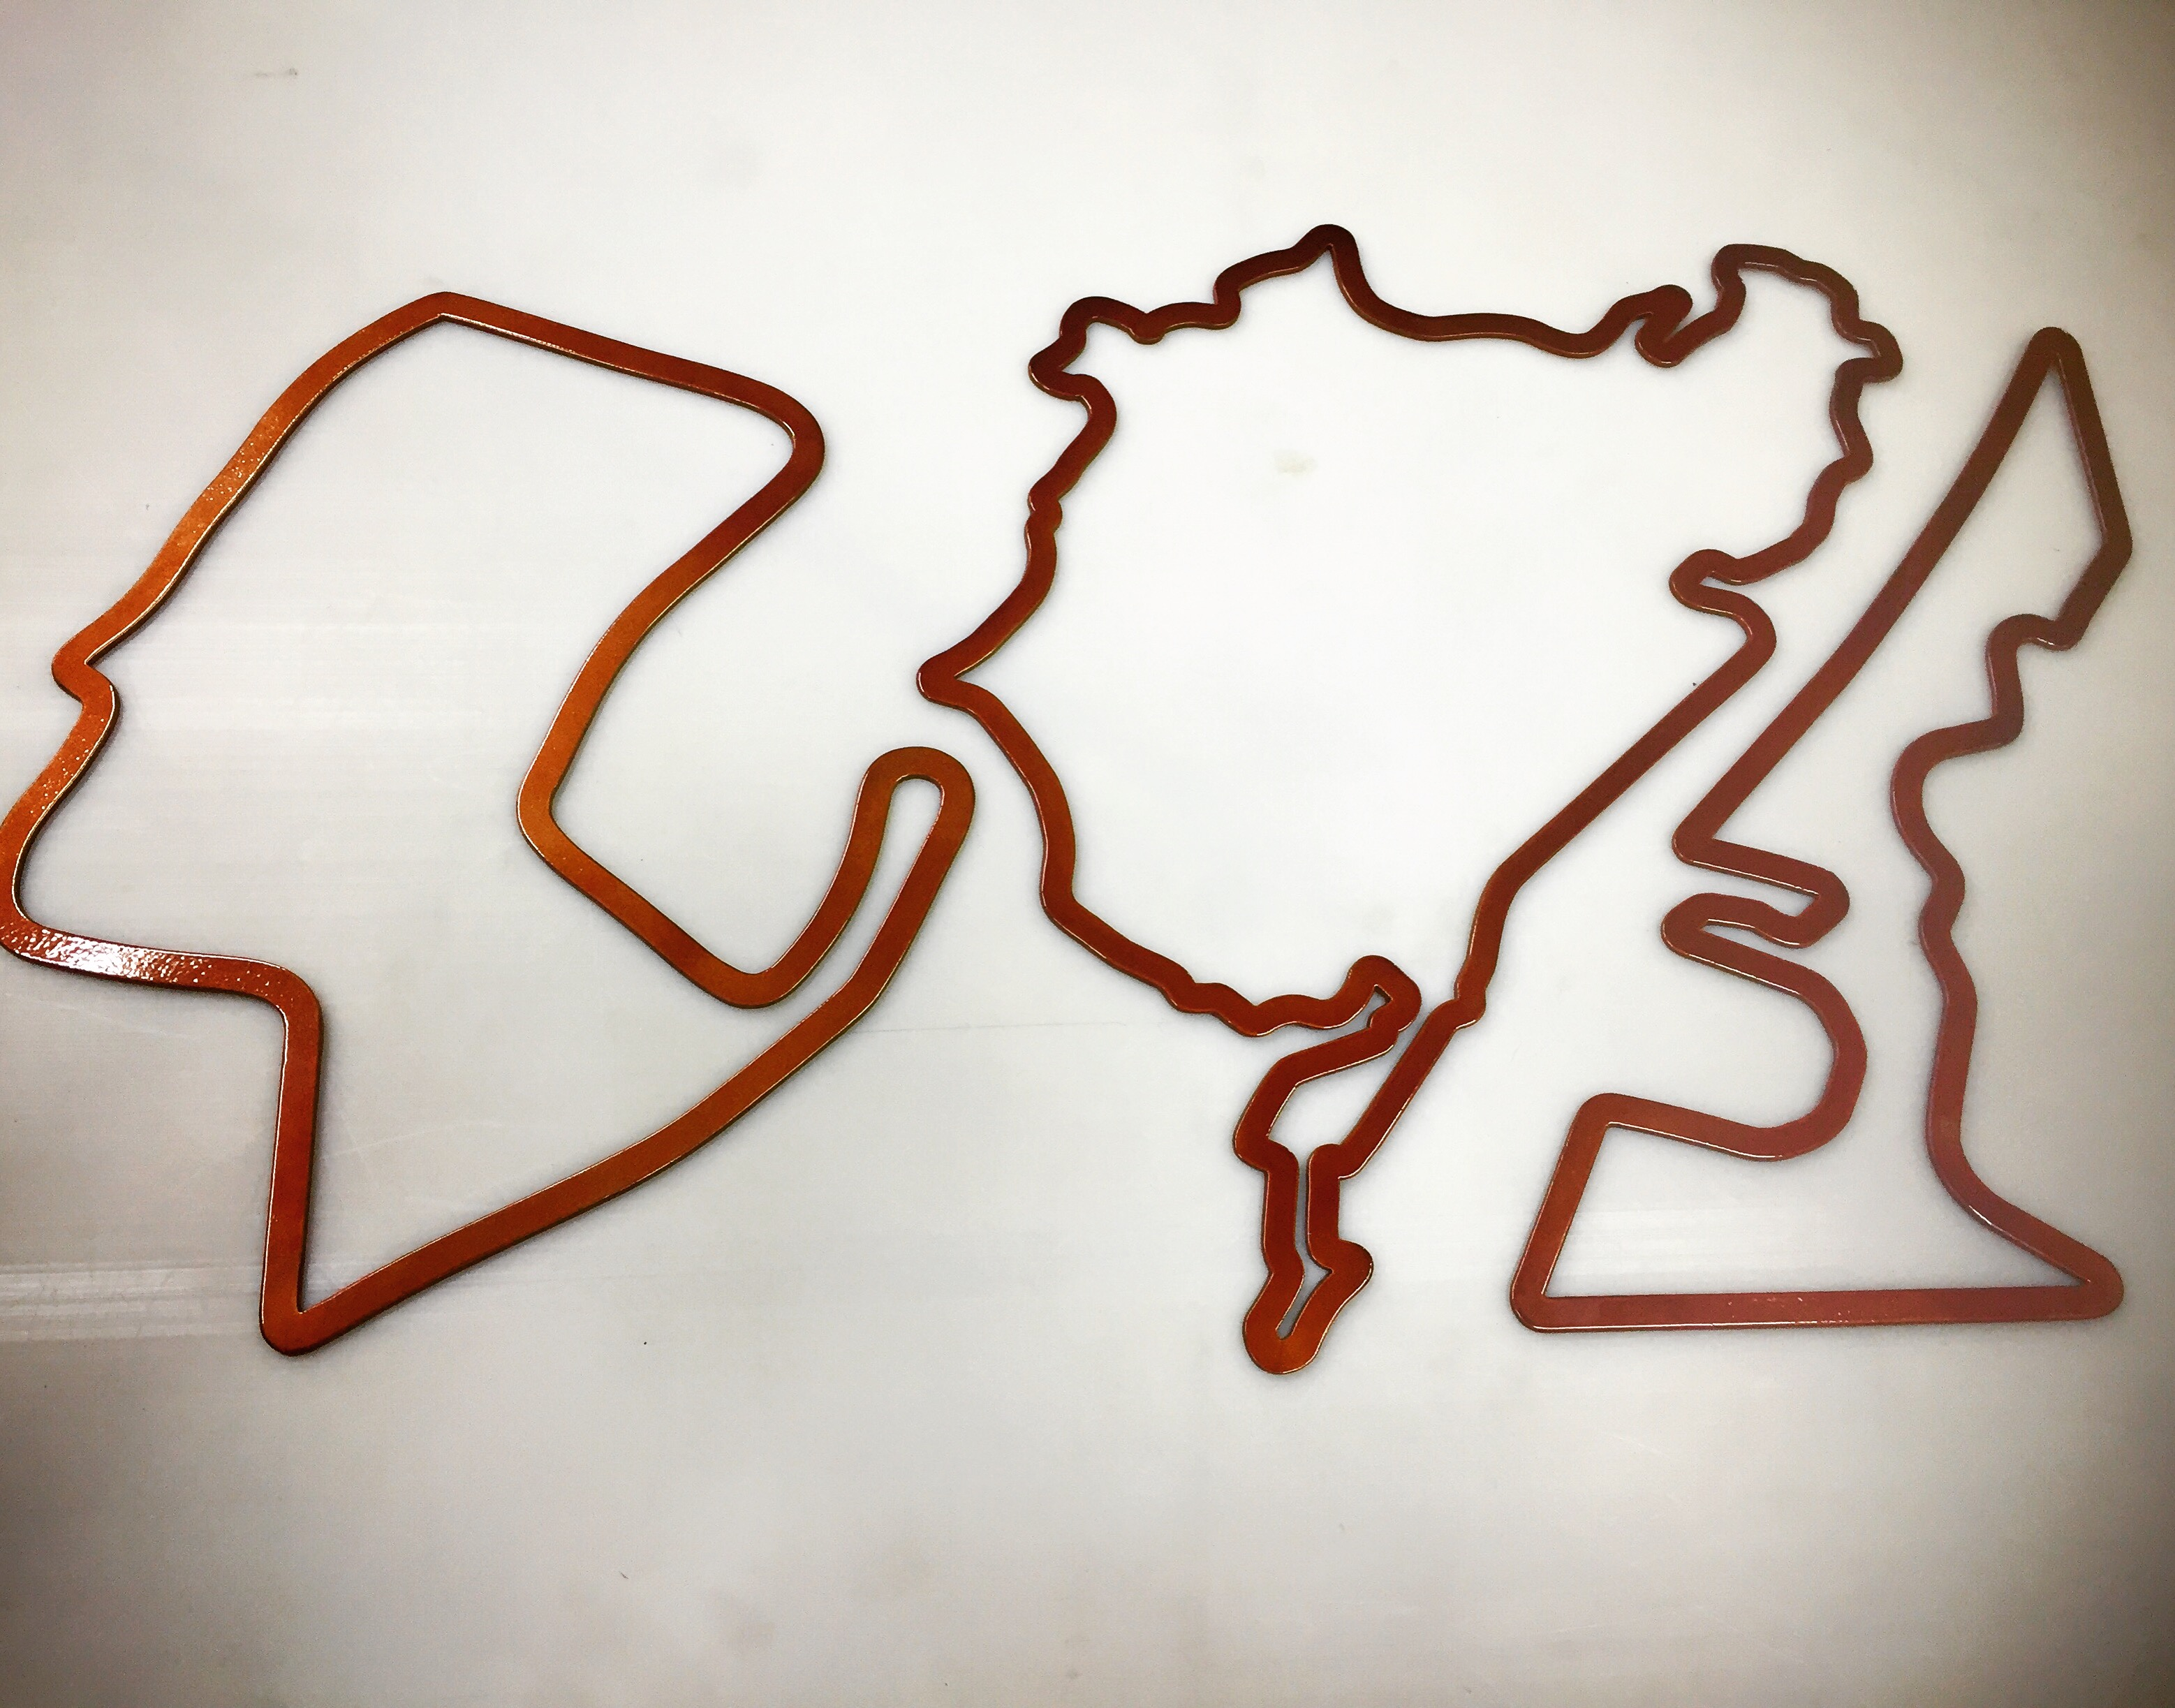 24 inch Laguna Seca, Nurburgring Full and Circuit of the Americas